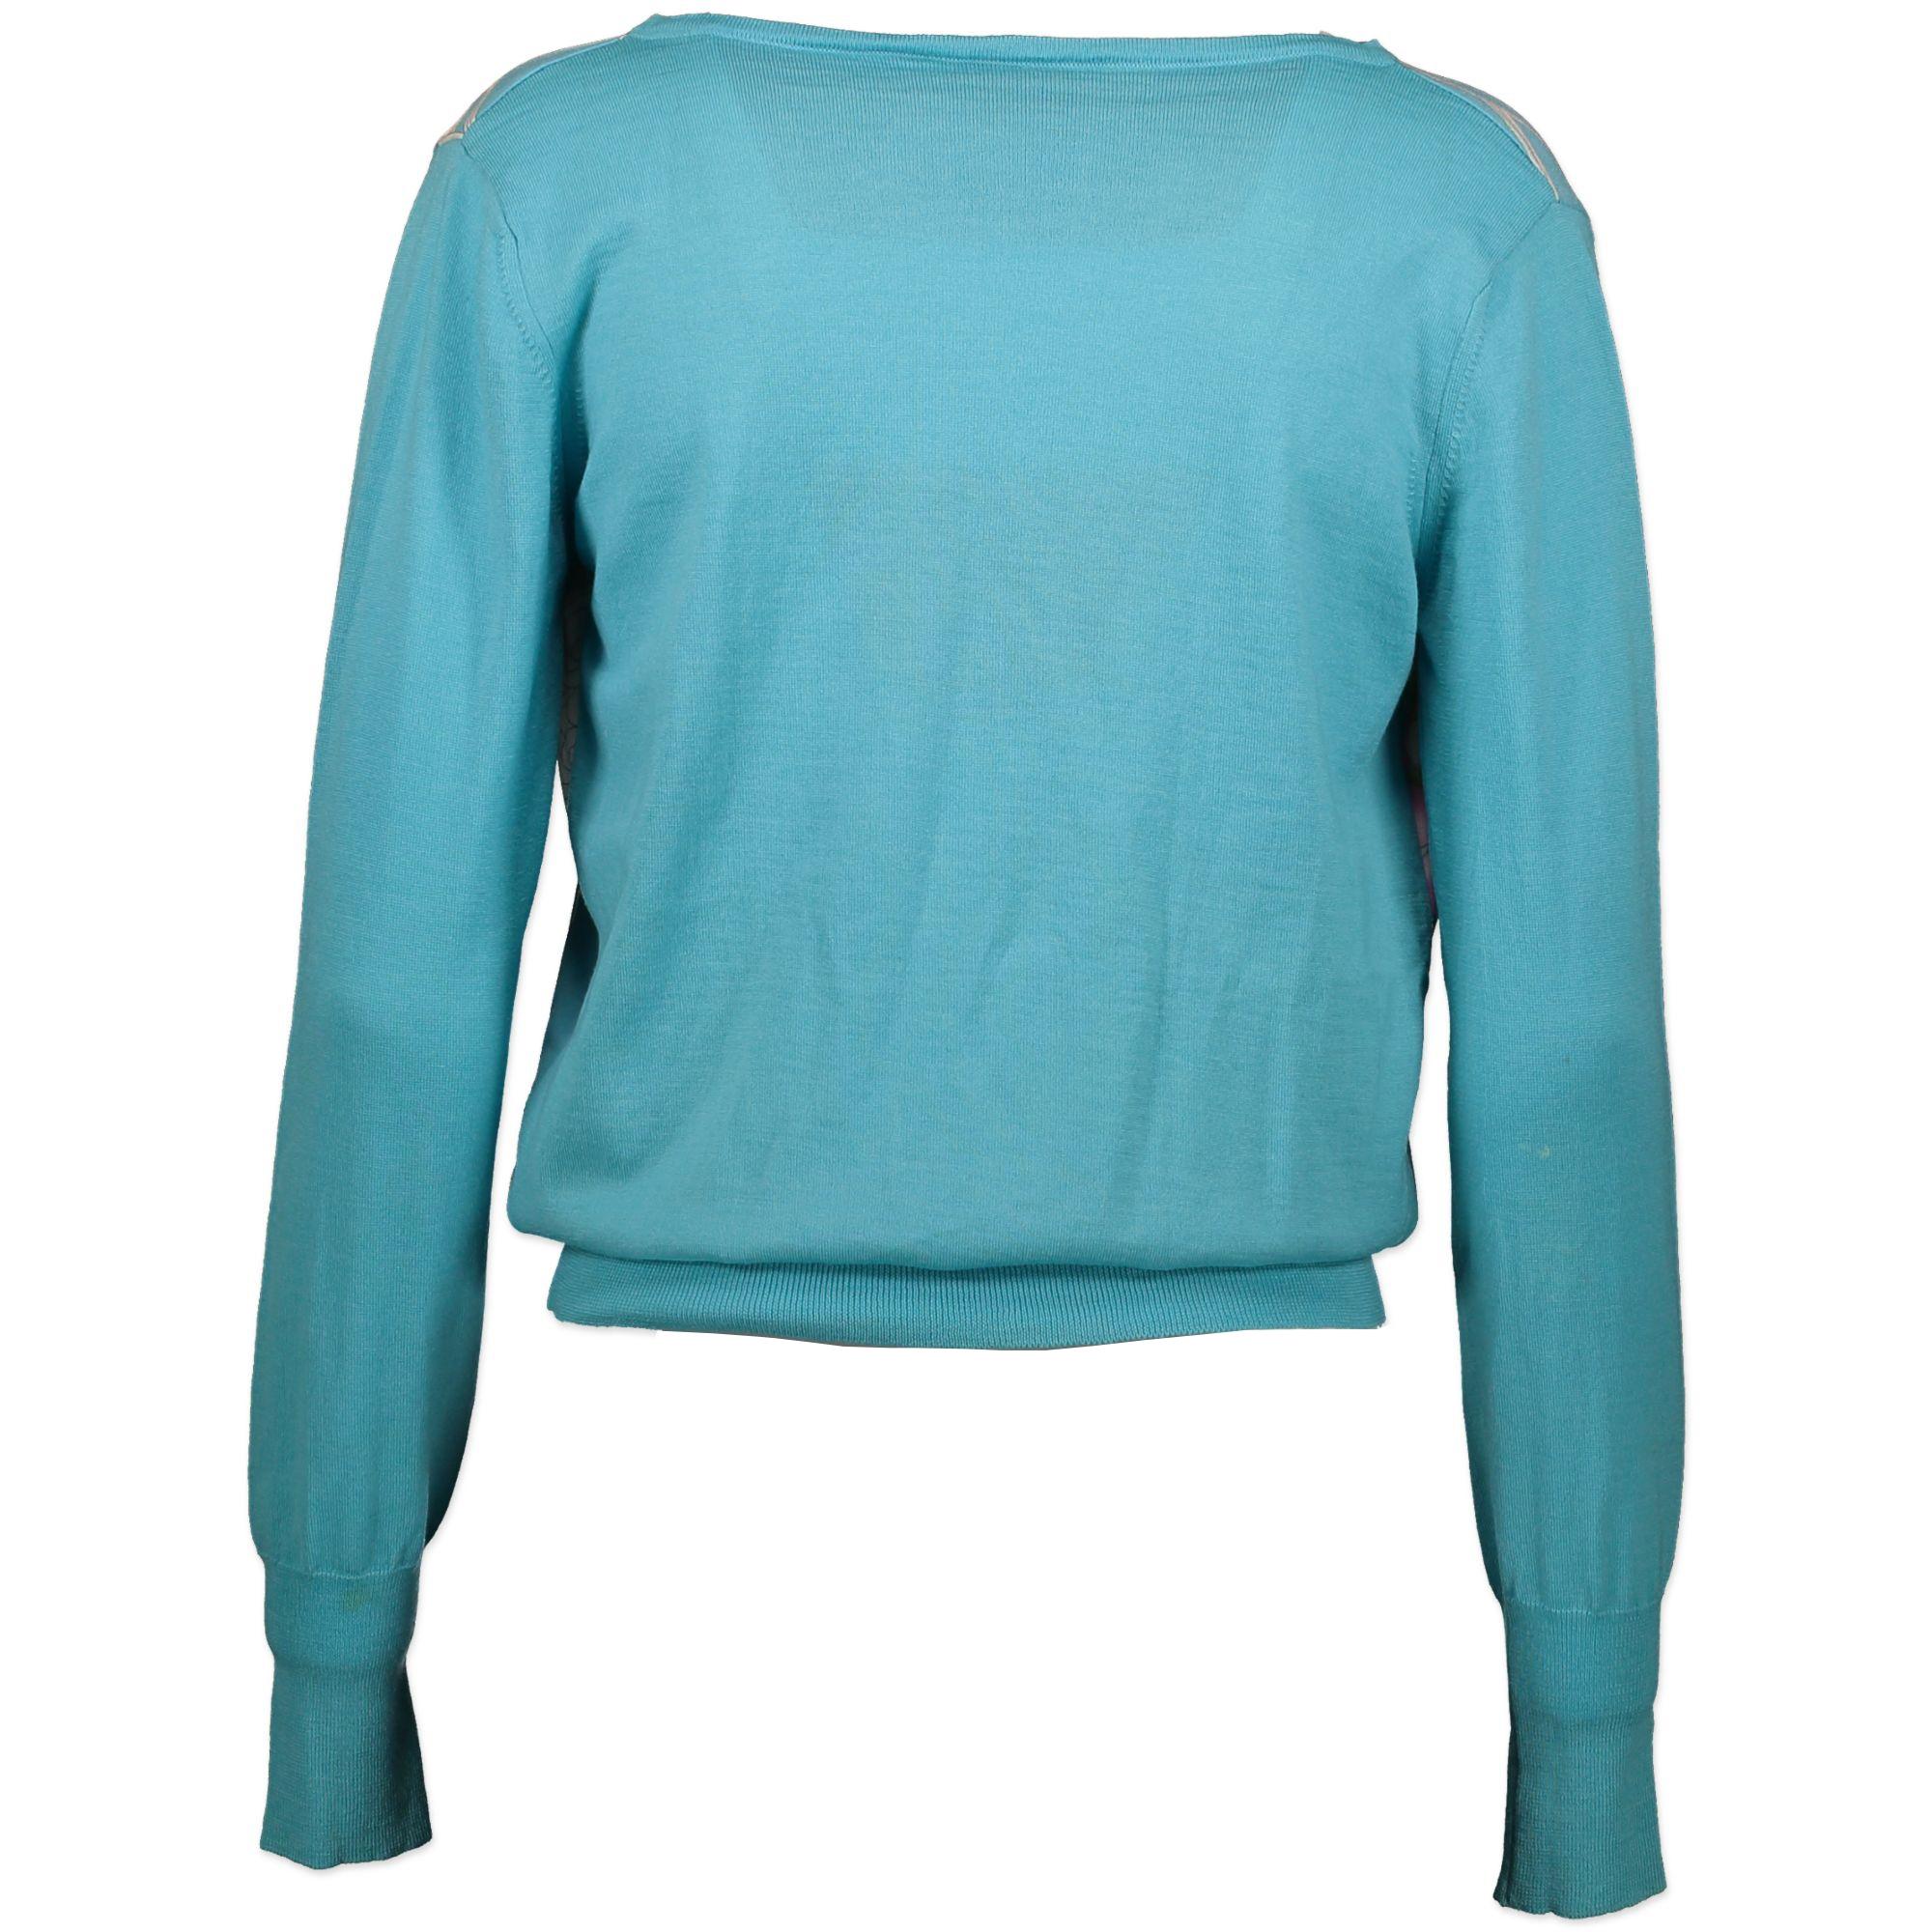 Vintage Leonard blue floral top bij Labellov. Veilig online winkelen voor een eerlijke prijs